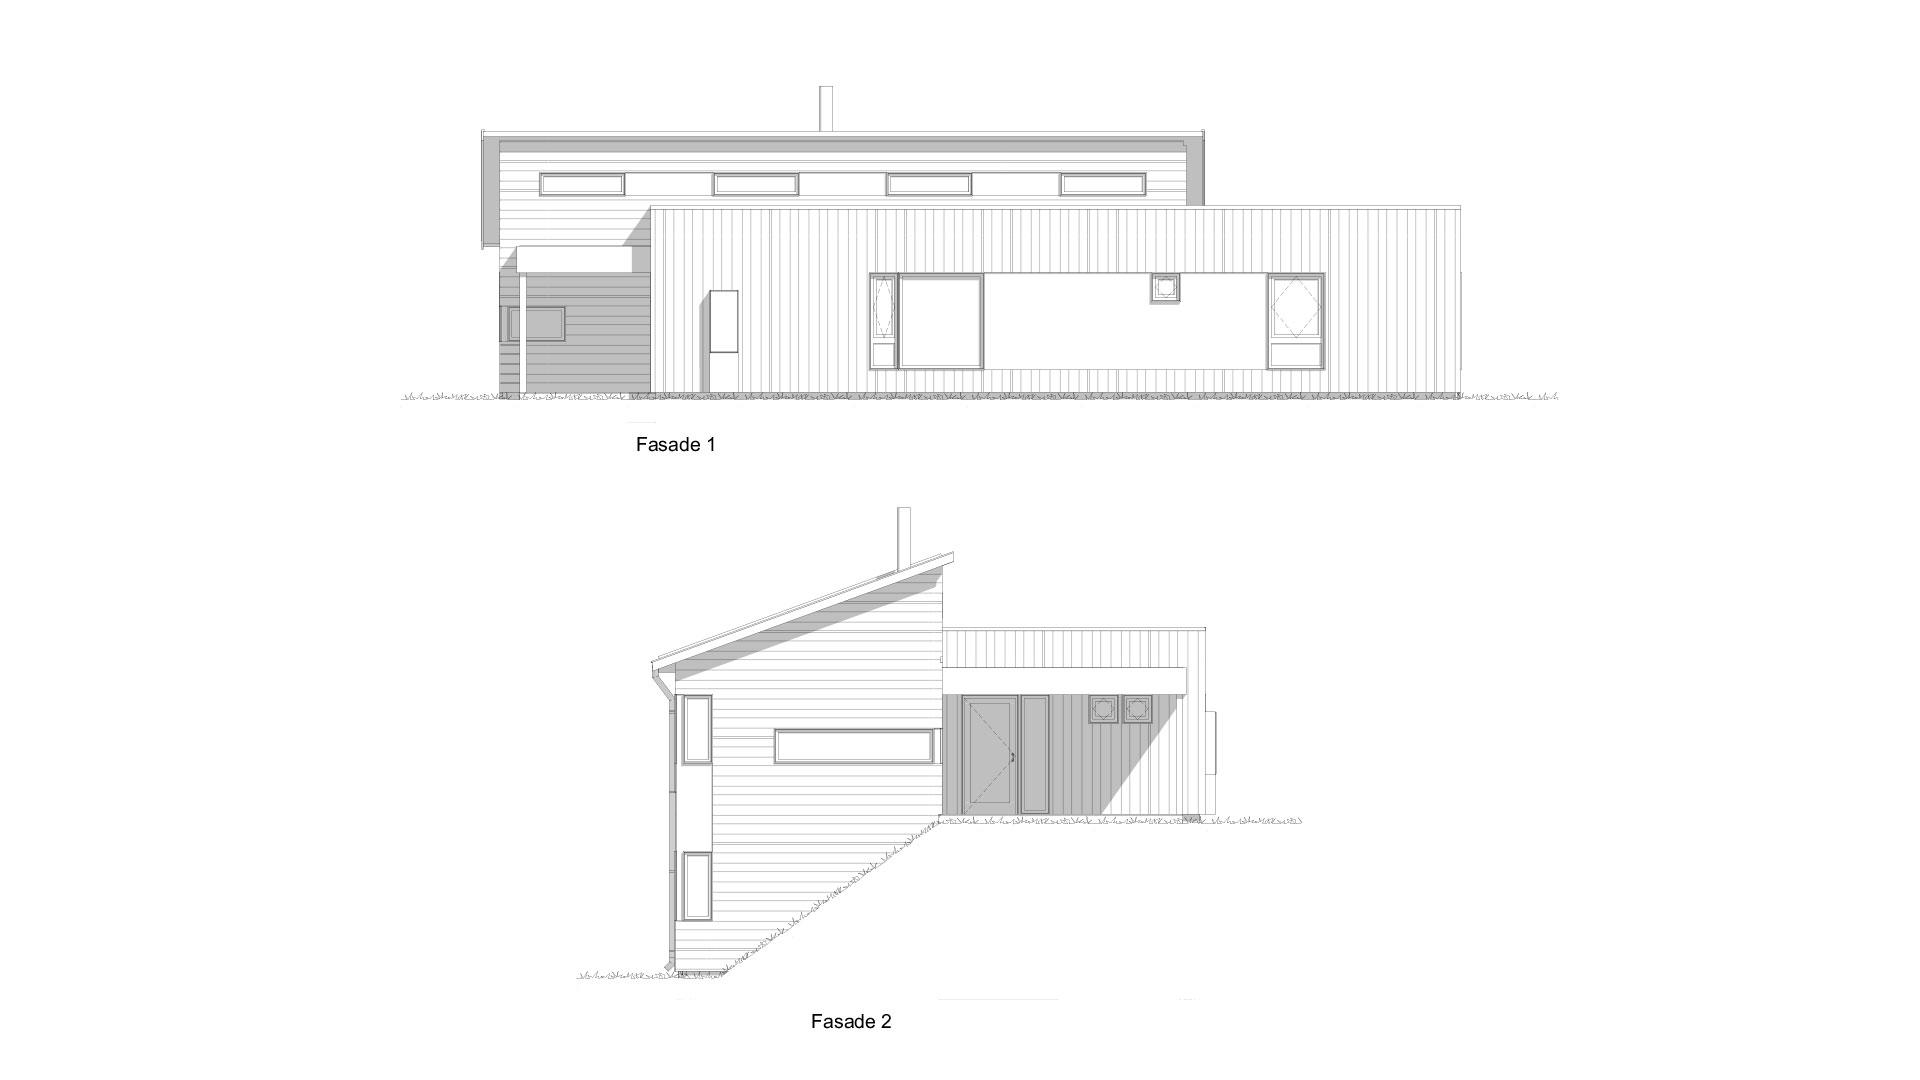 Skrenten_Fasade1-2.jpg